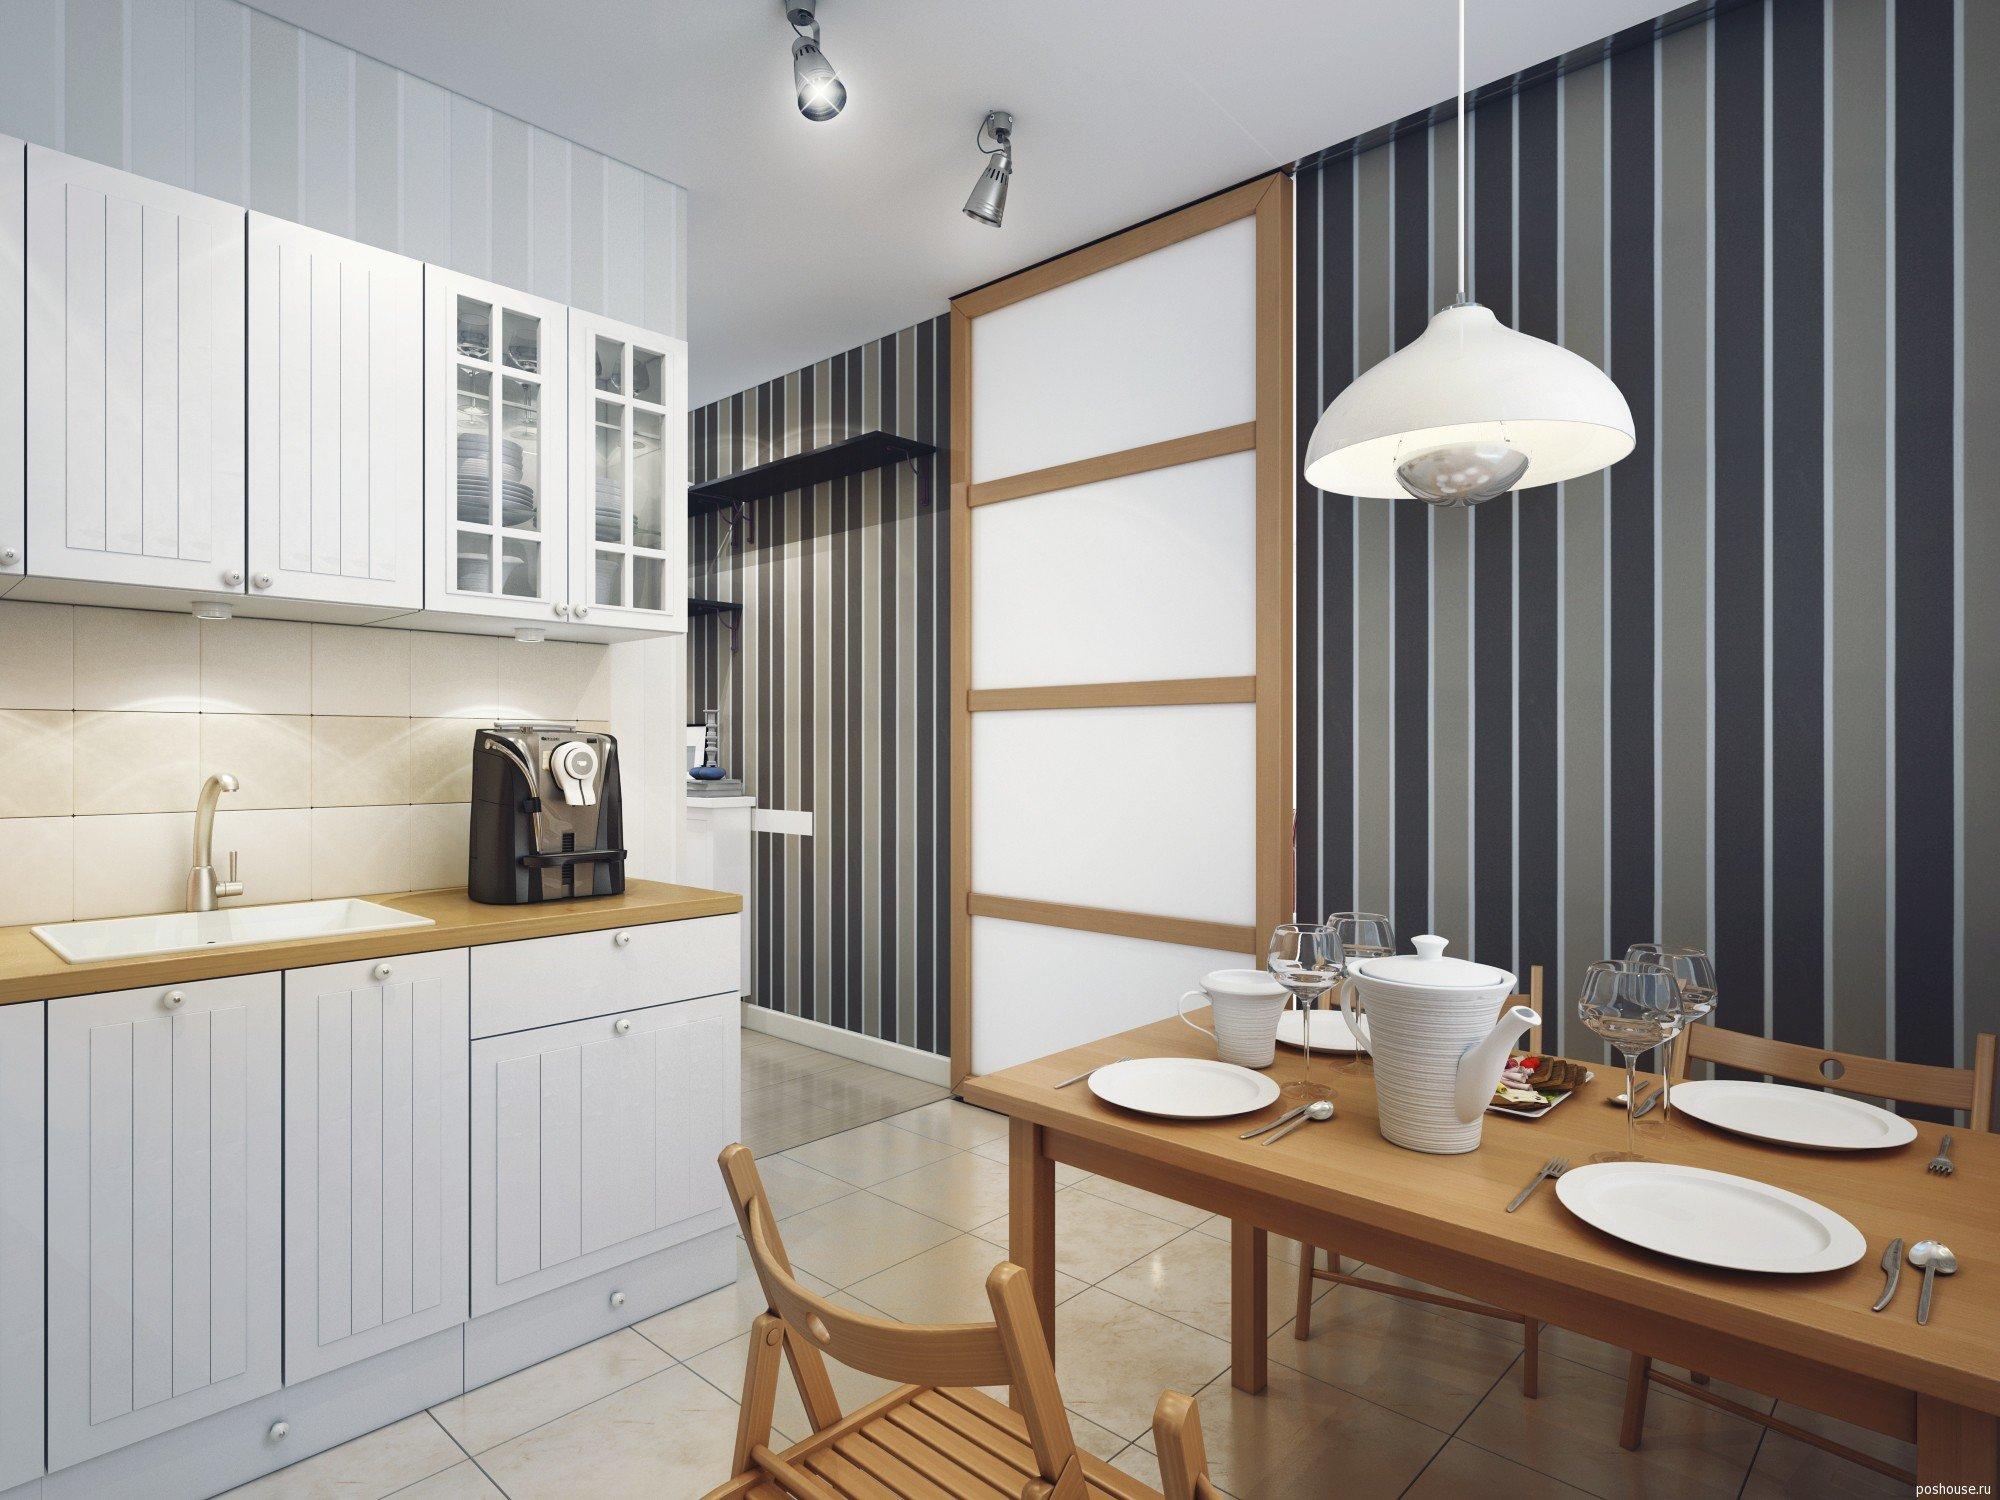 дизайн кухни 2019 в полоску